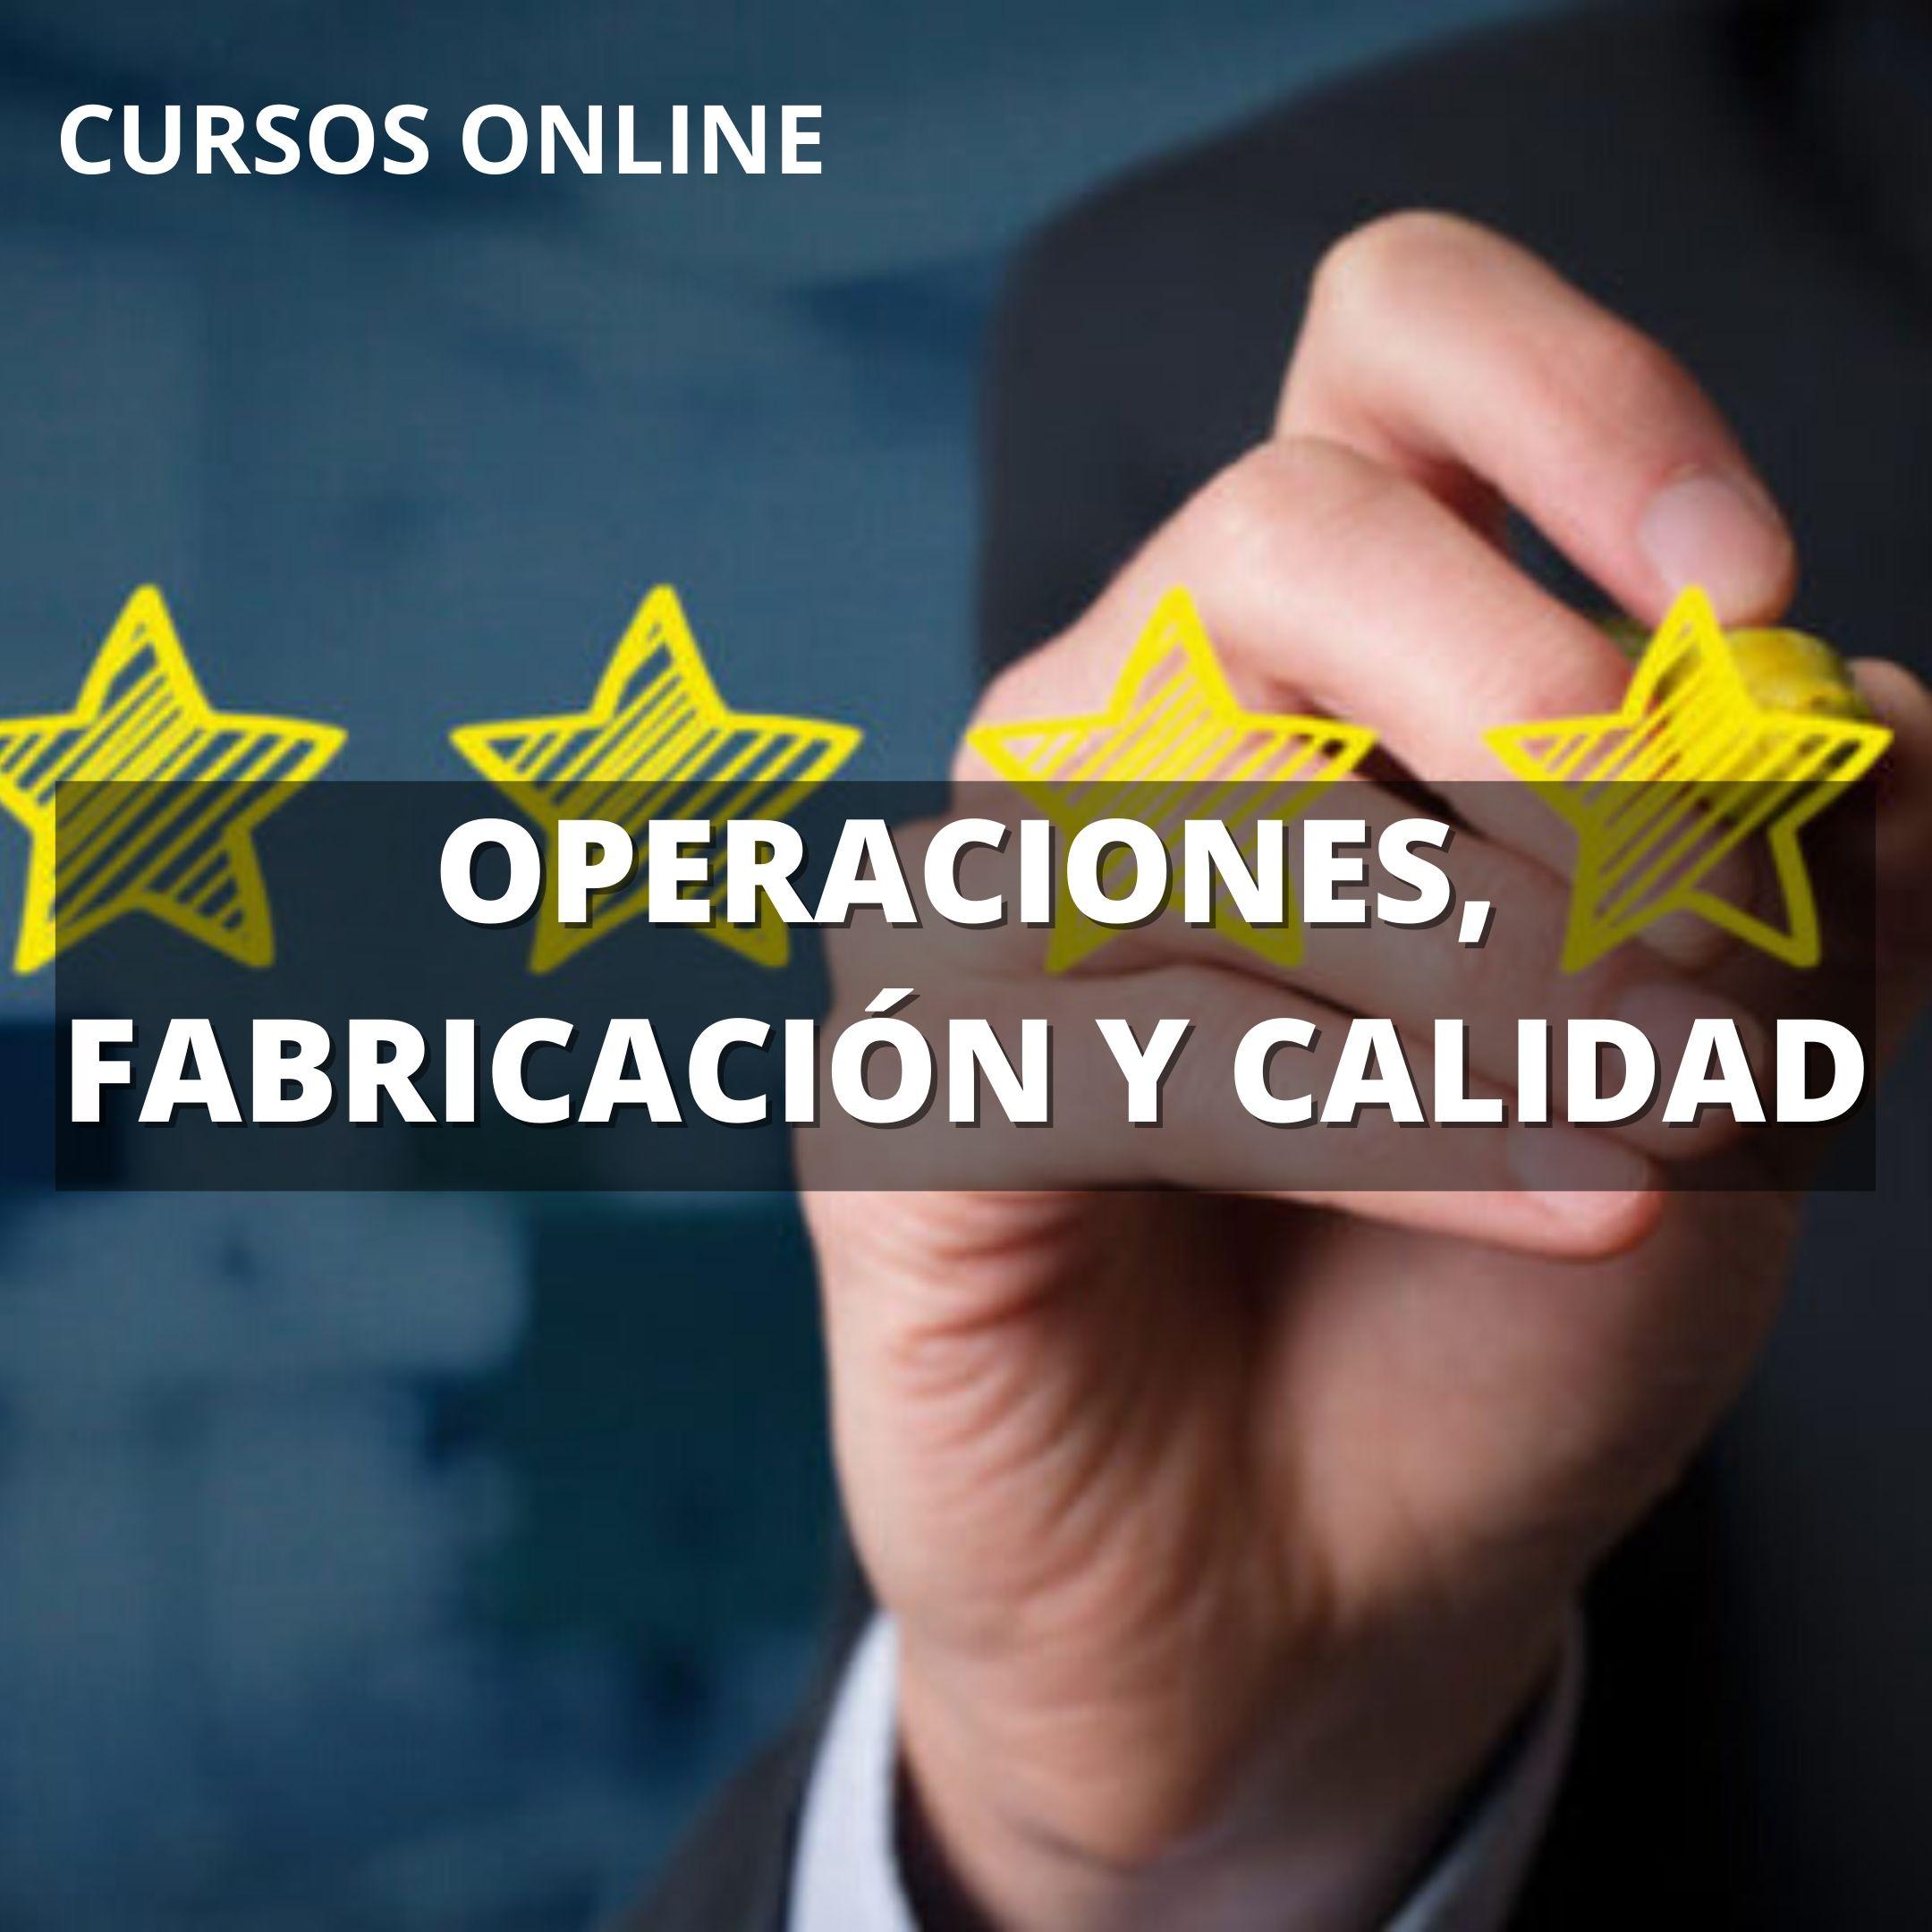 cursos de operaciones, fabricación y calidad